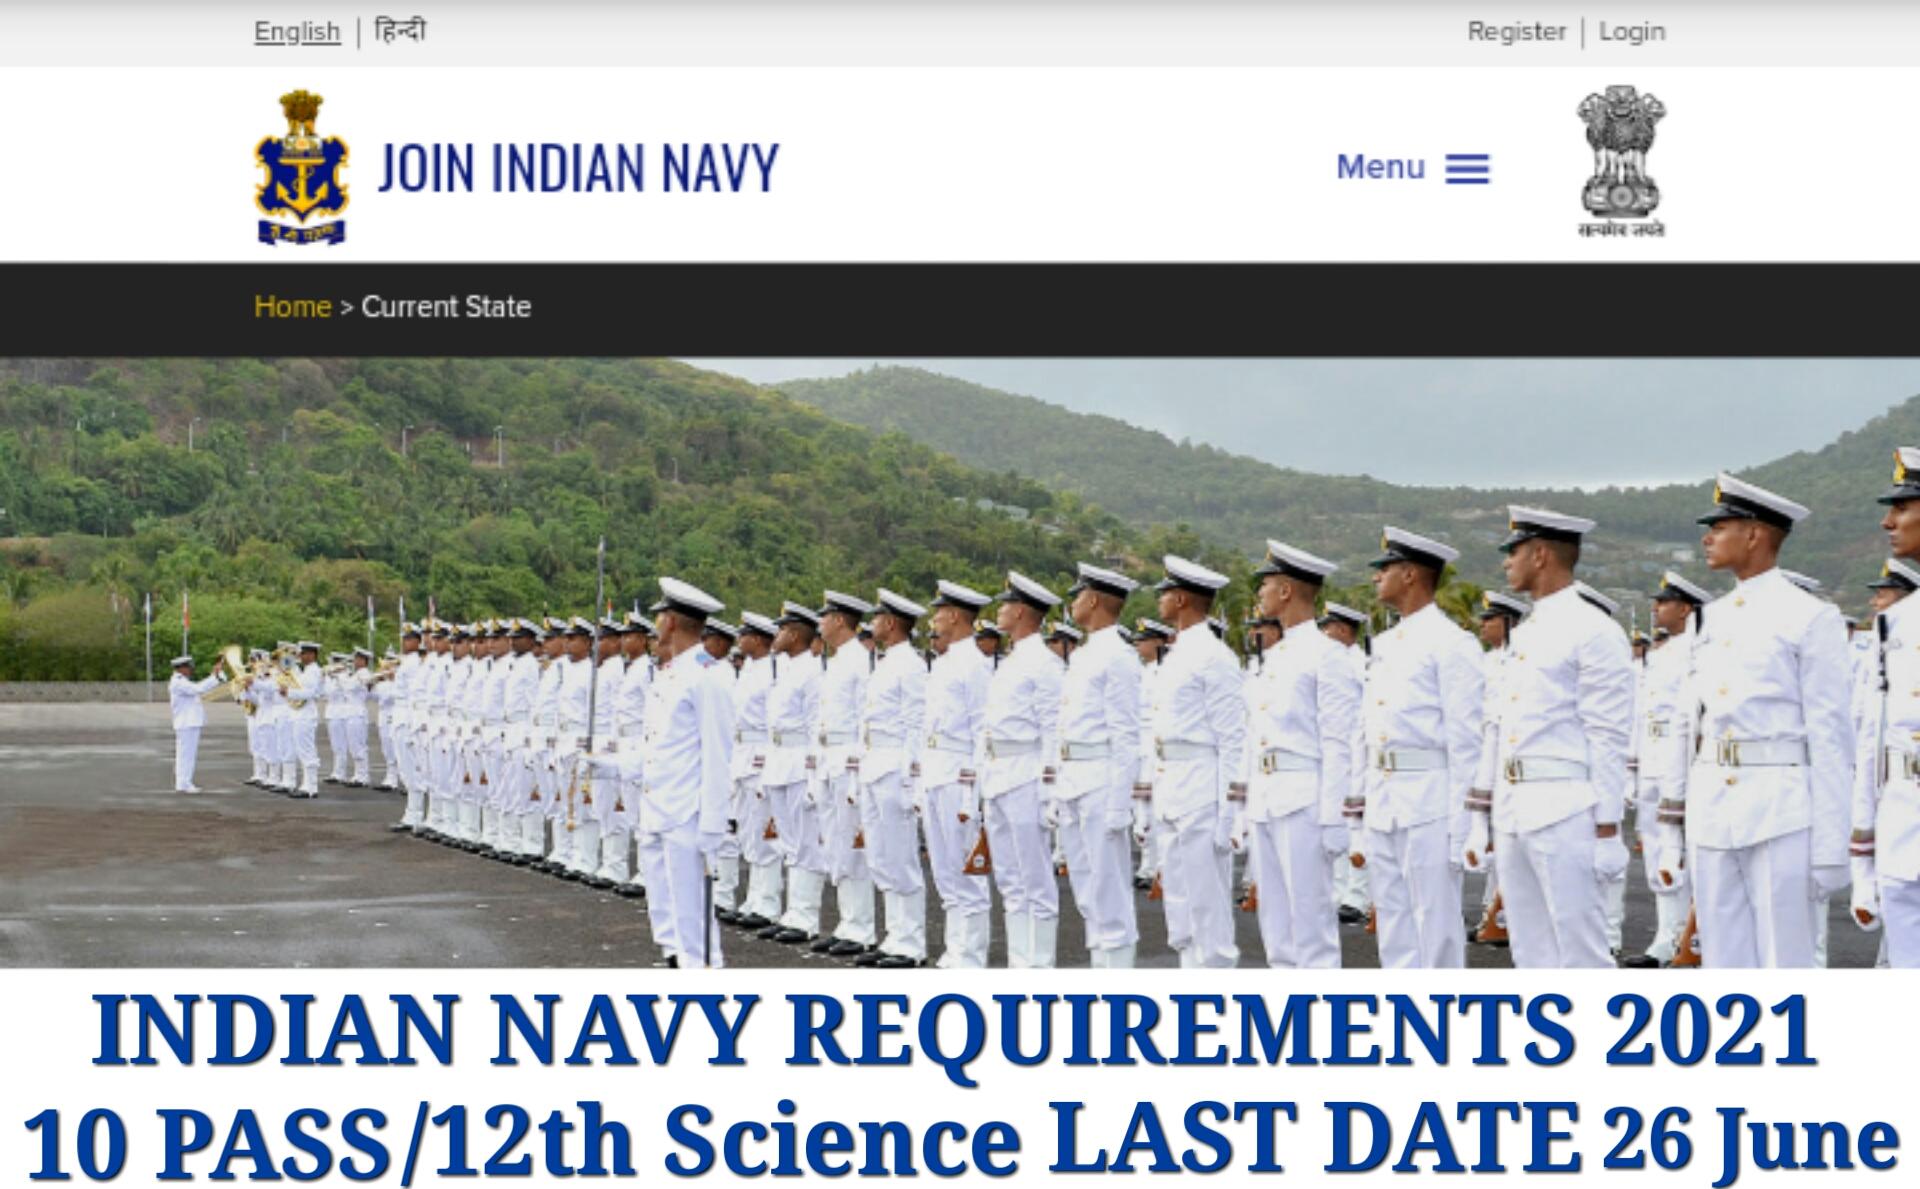 Indian Navy Requipment 2021